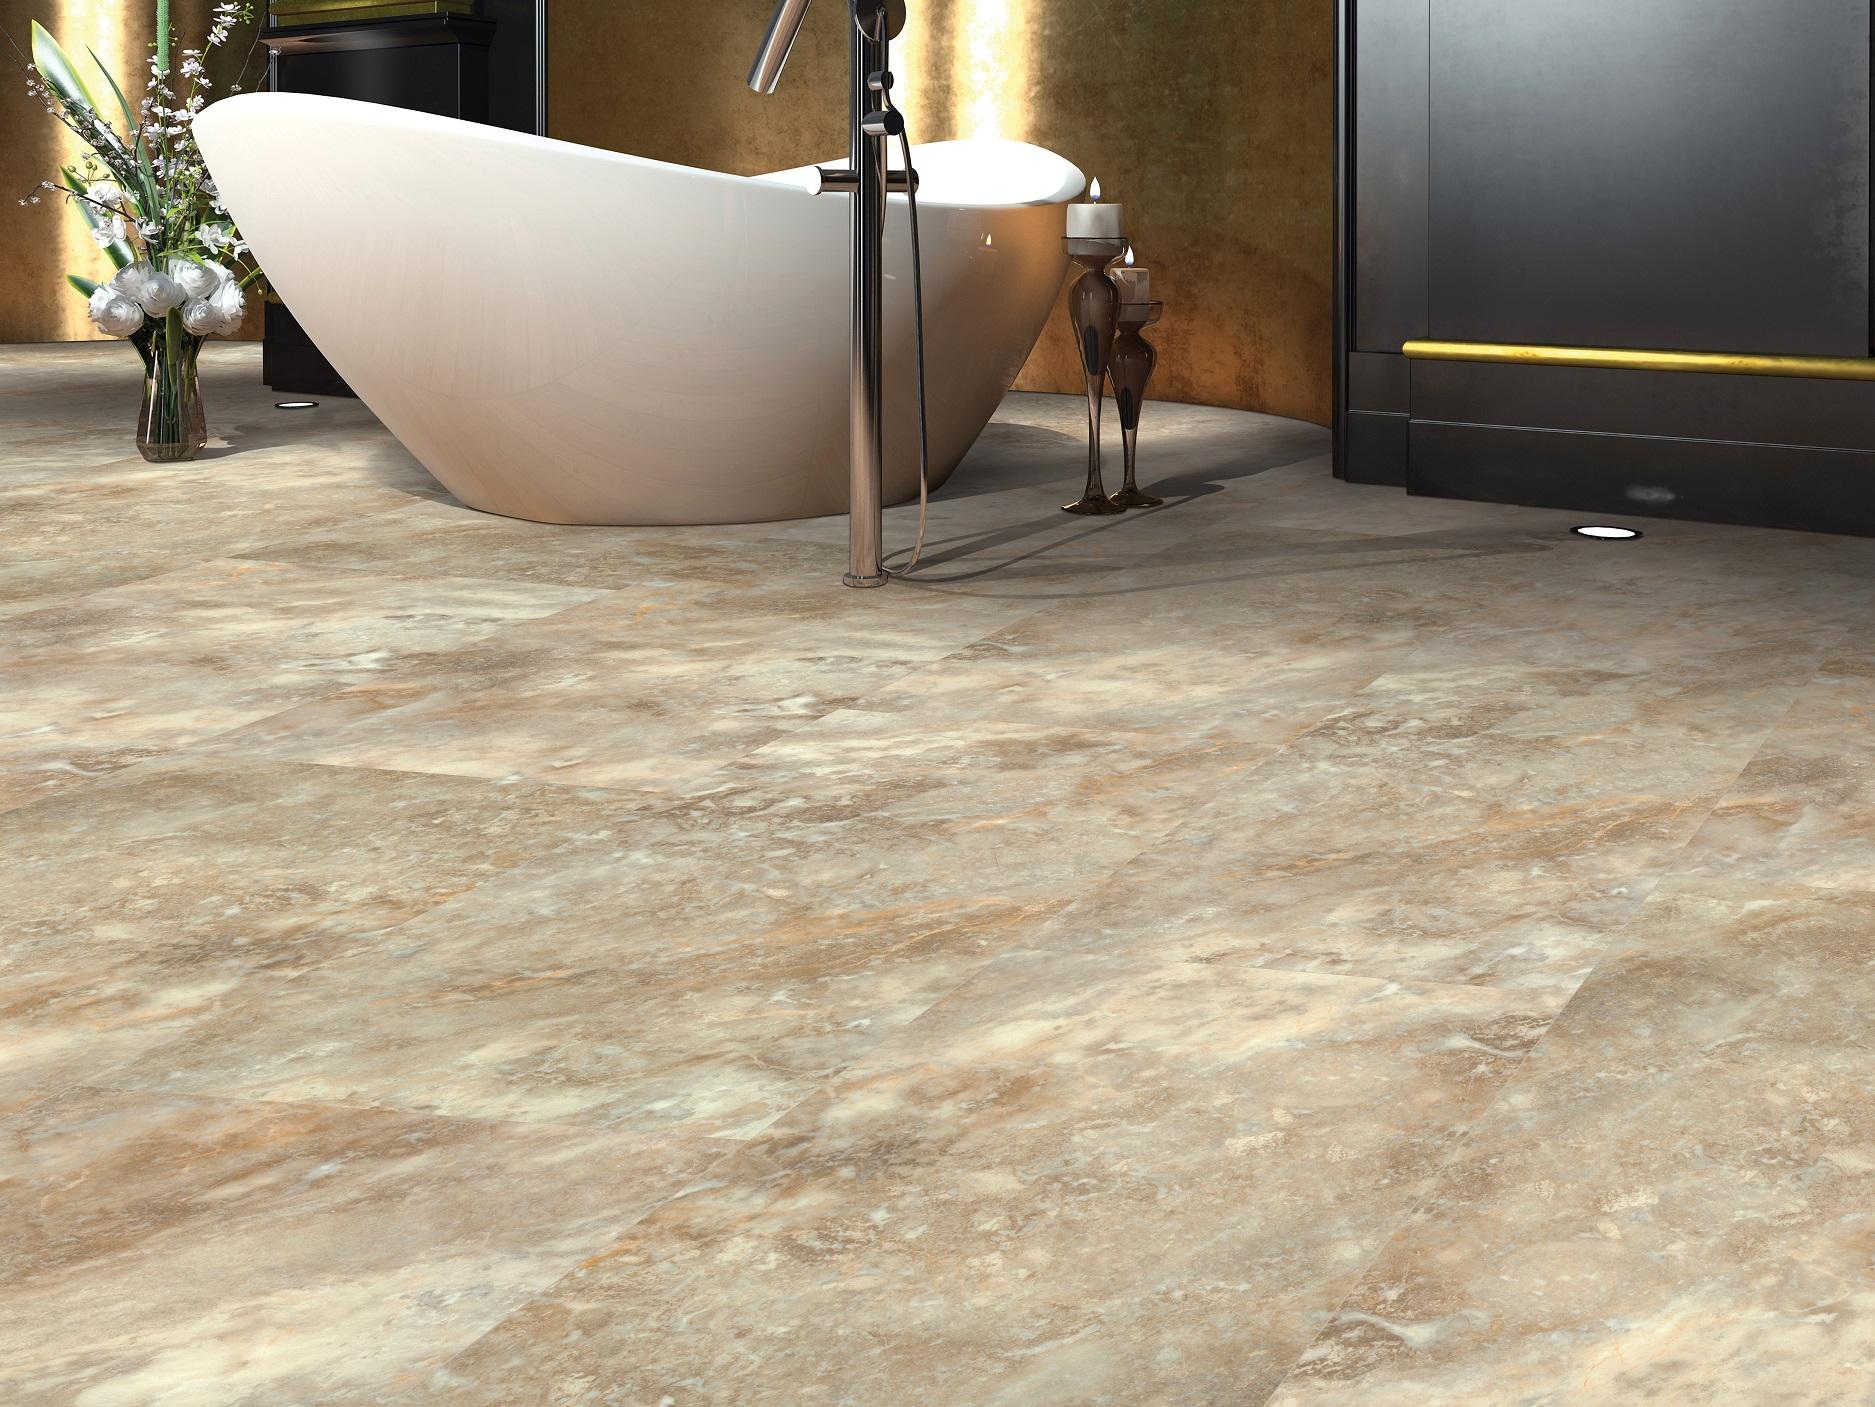 can luxury vinyl flooring look like tile